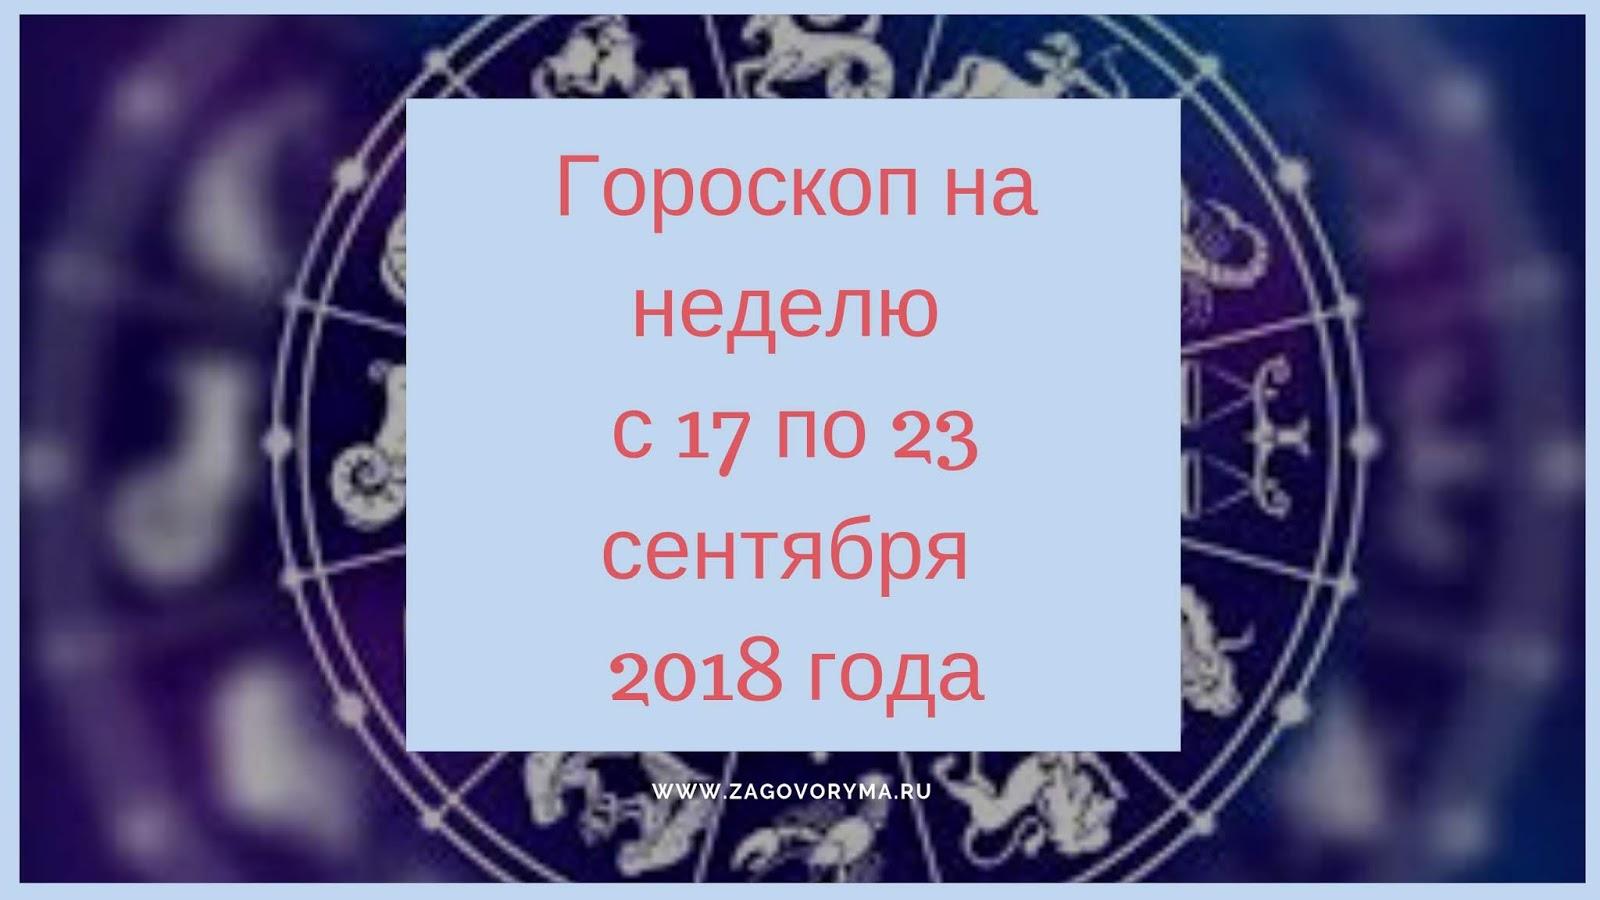 Гороскоп на неделю с 17 по 23 июля года телец все тайное станет явным.